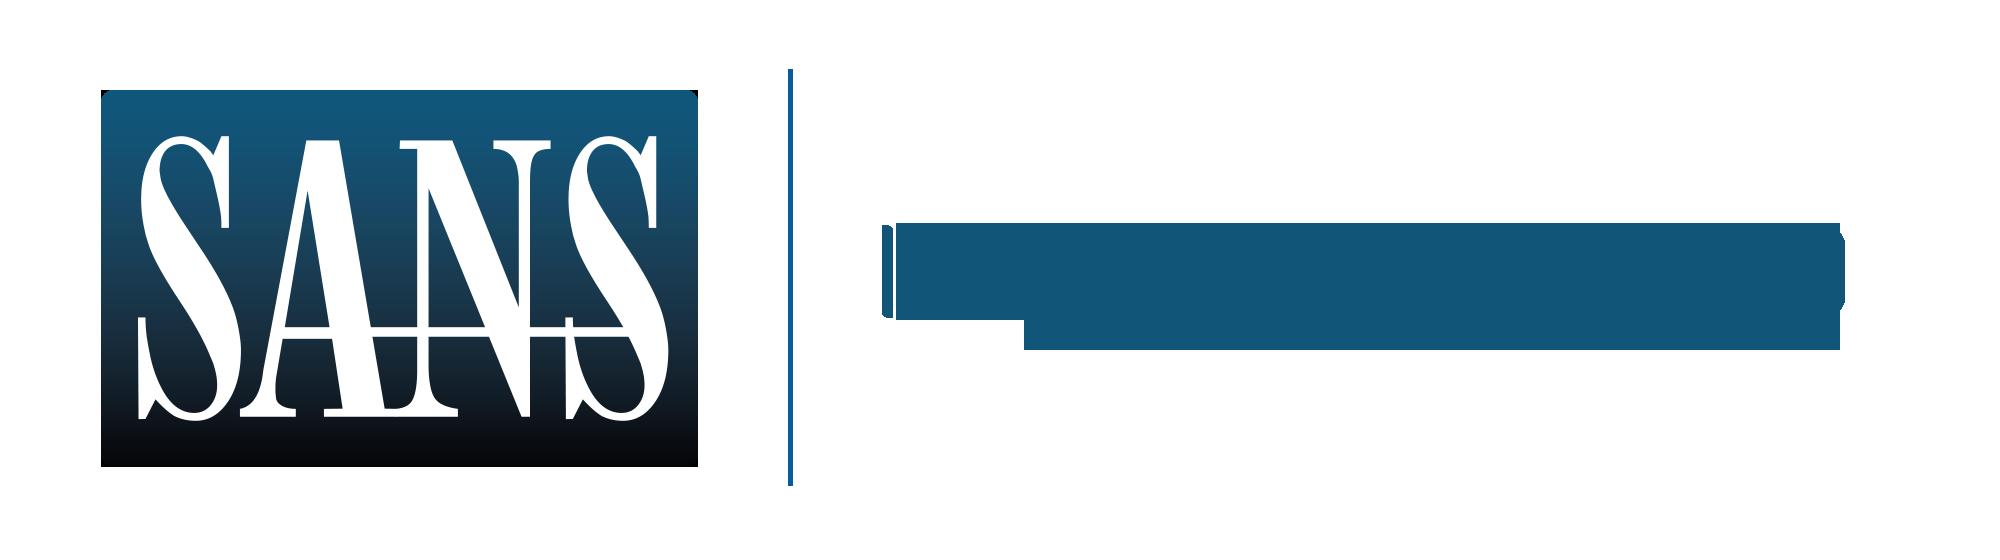 SANS ICS Europe 2019